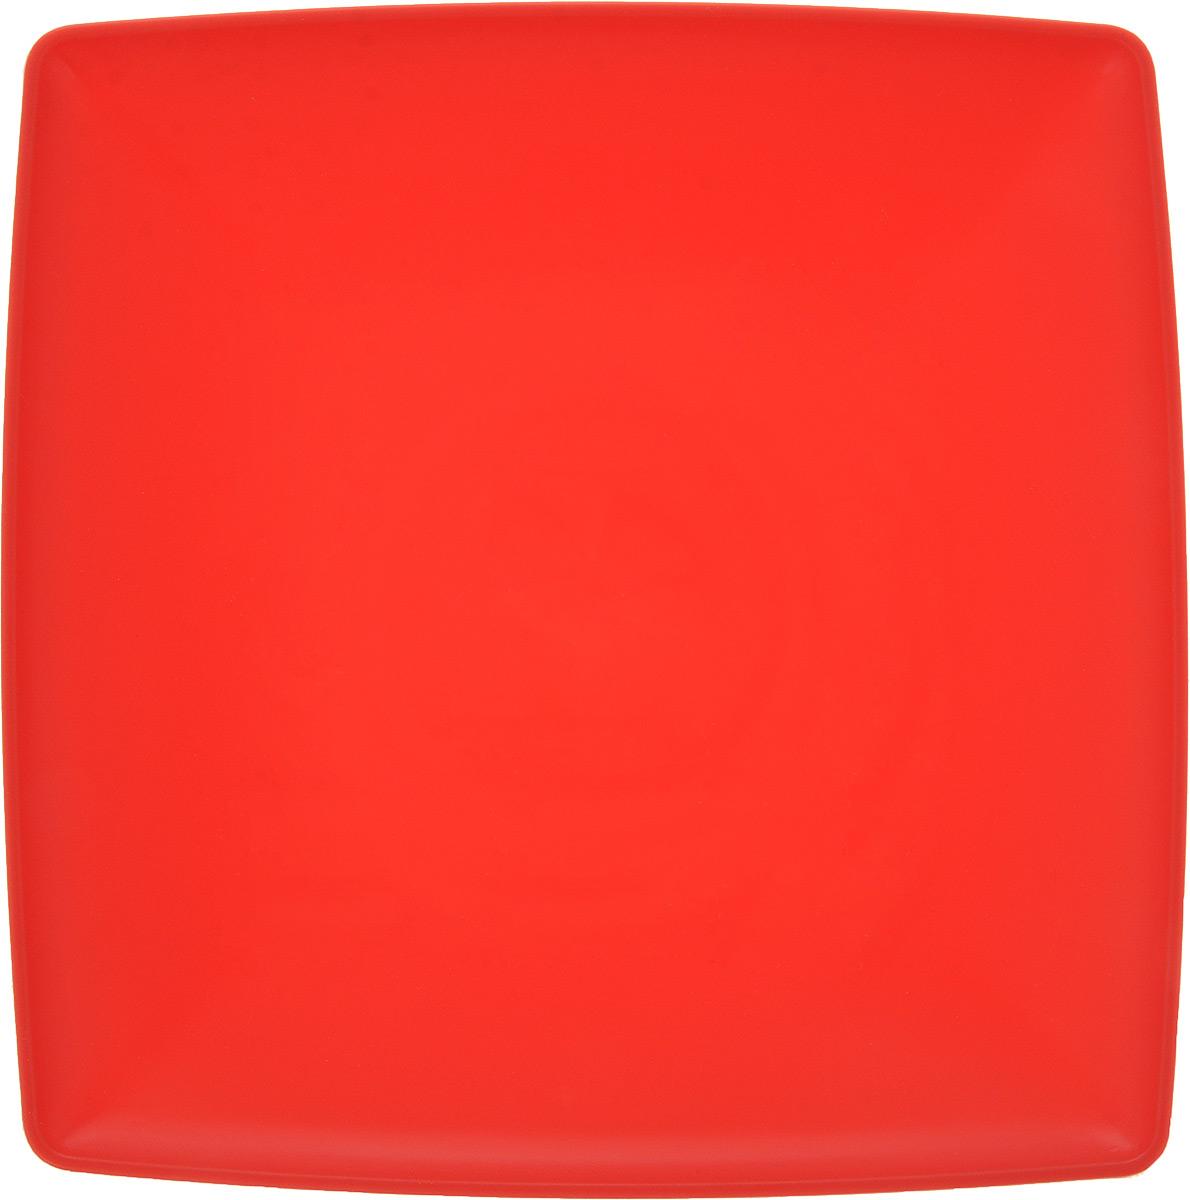 Тарелка Gotoff, цвет: красный, 19 х 19 смWTC-631_красныйКвадратная тарелка Gotoff выполнена из прочного пищевого полипропилена. Изделие отлично подойдет как для холодных, так и для горячих блюд. Его удобно использовать дома или на даче, брать с собой на пикники и в поездки. Отличный вариант для детских праздников. Такая тарелка не разобьется и будет служить вам долгое время.Можно использовать в СВЧ, ставить в морозилку при температуре -25°С и мыть в посудомоечной машине при температуре +95°С.